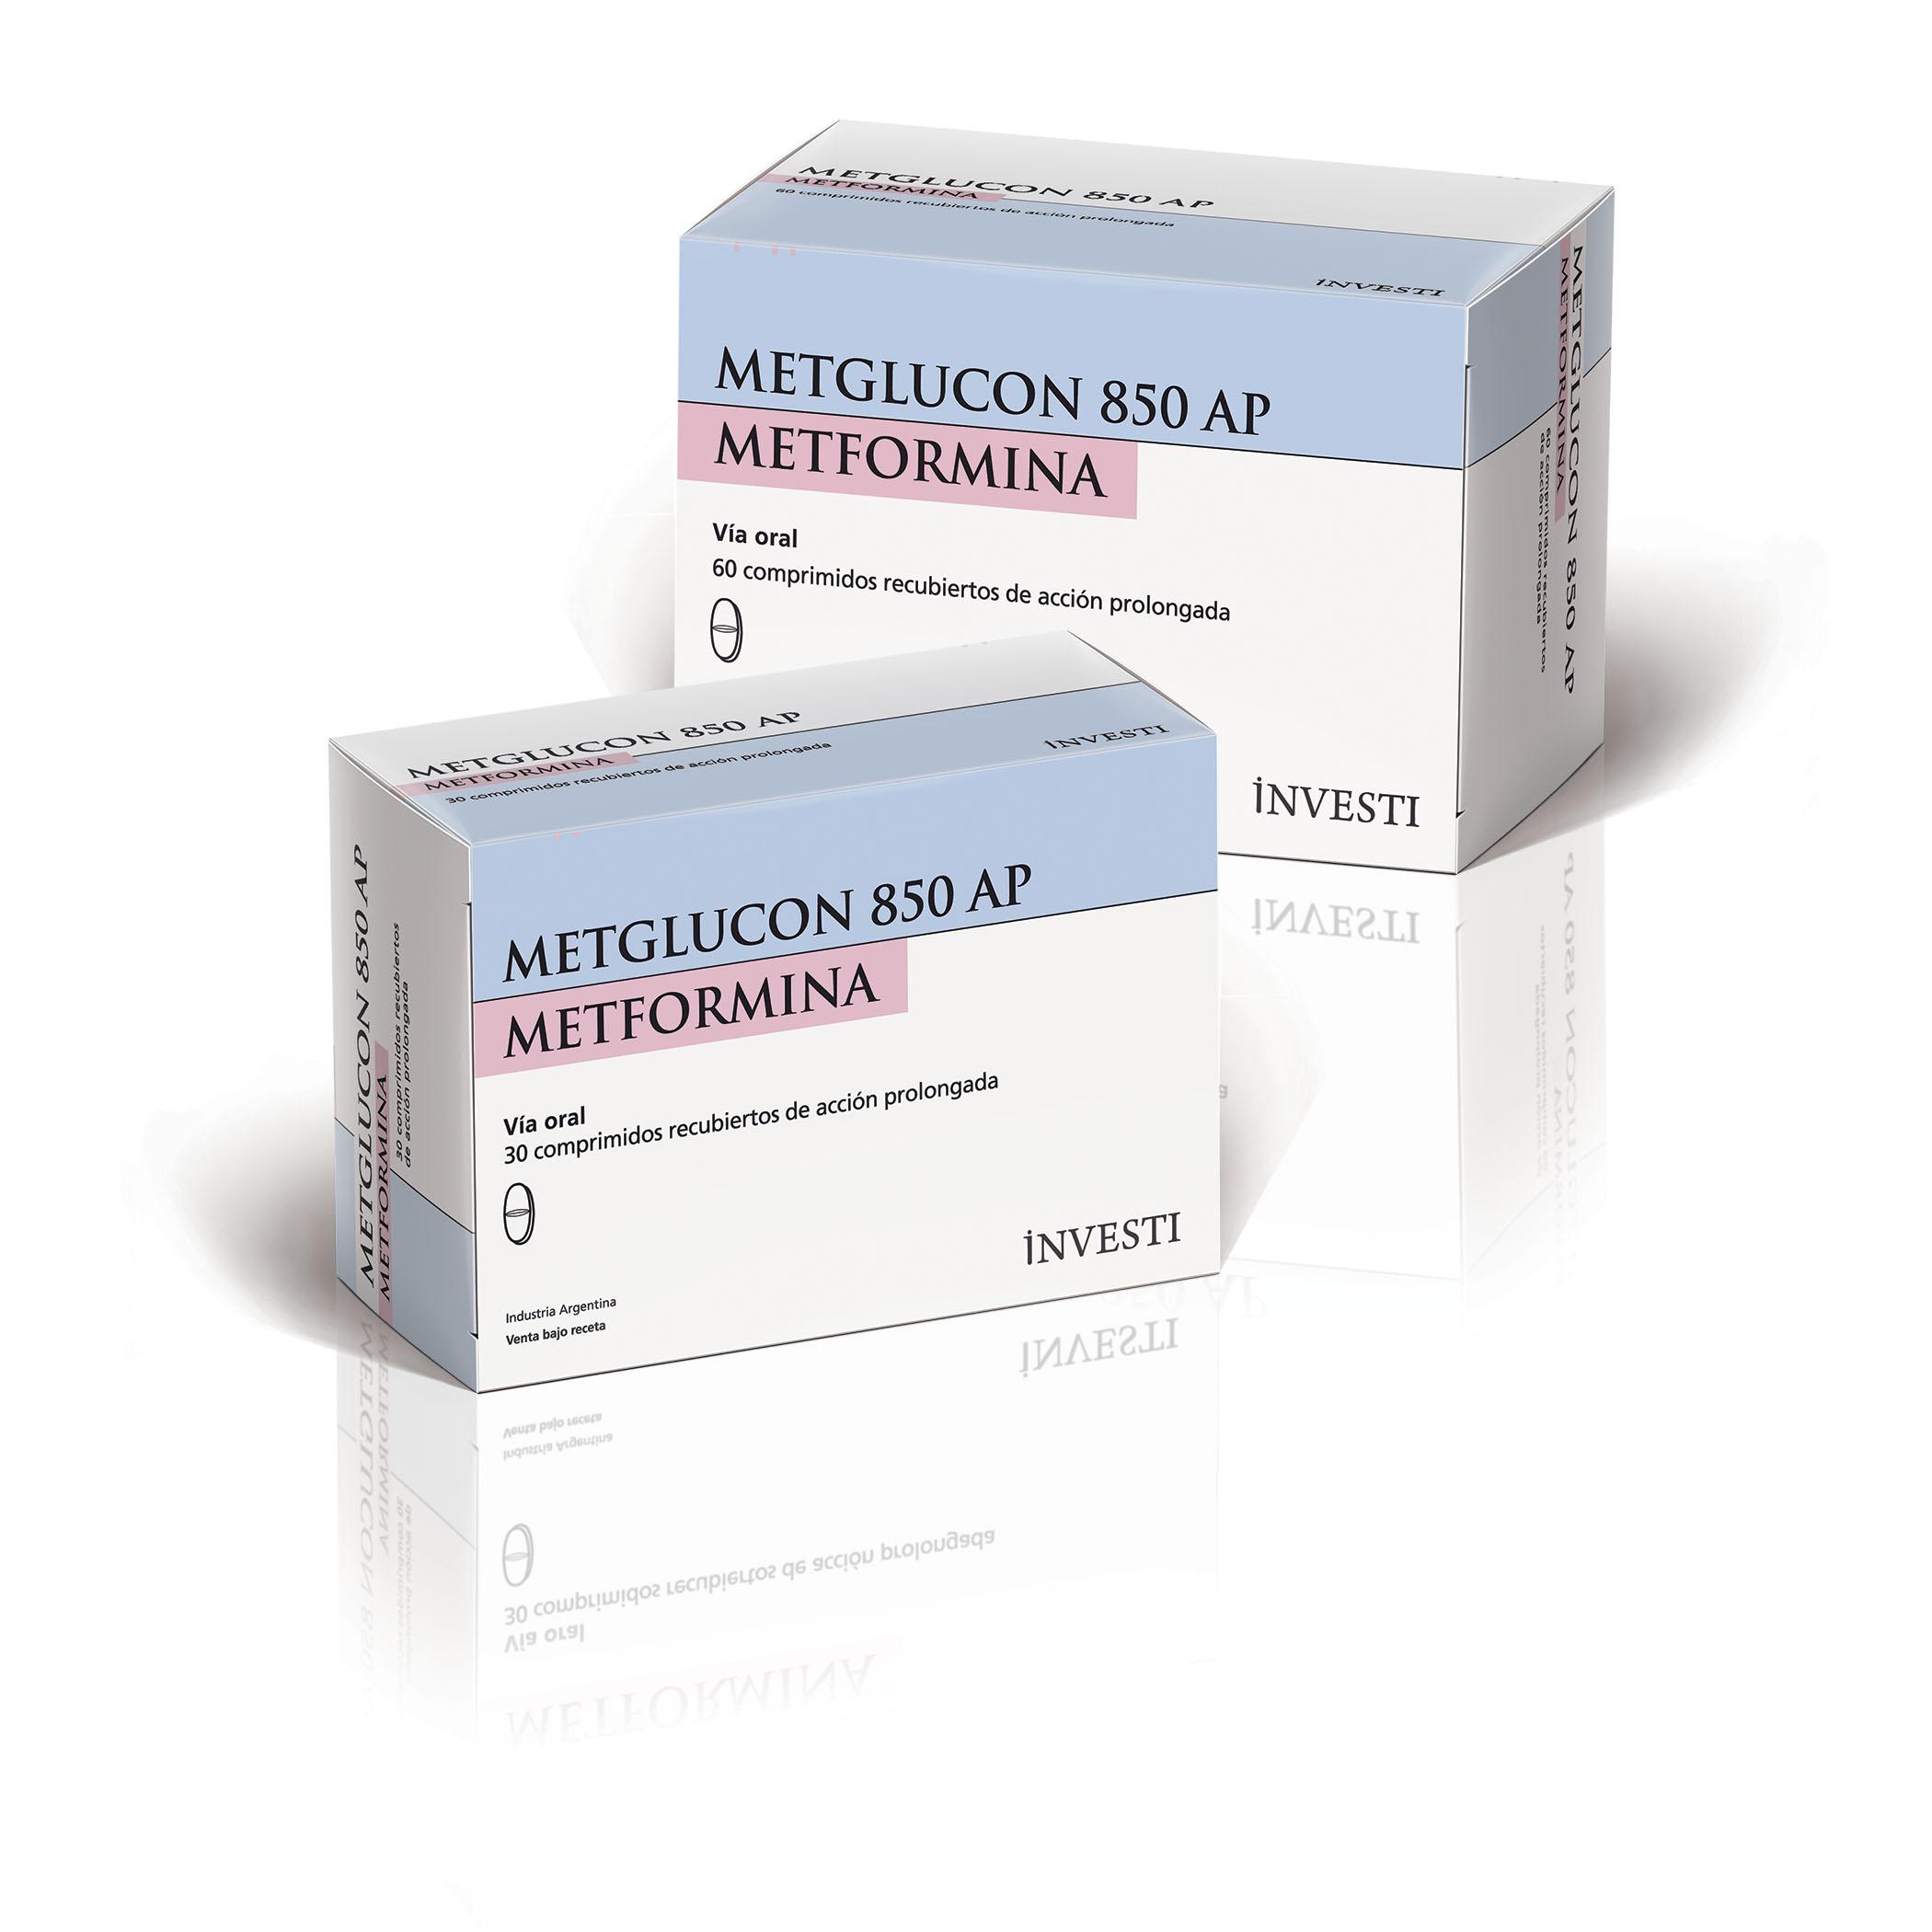 Metglucon 850 AP - Investi